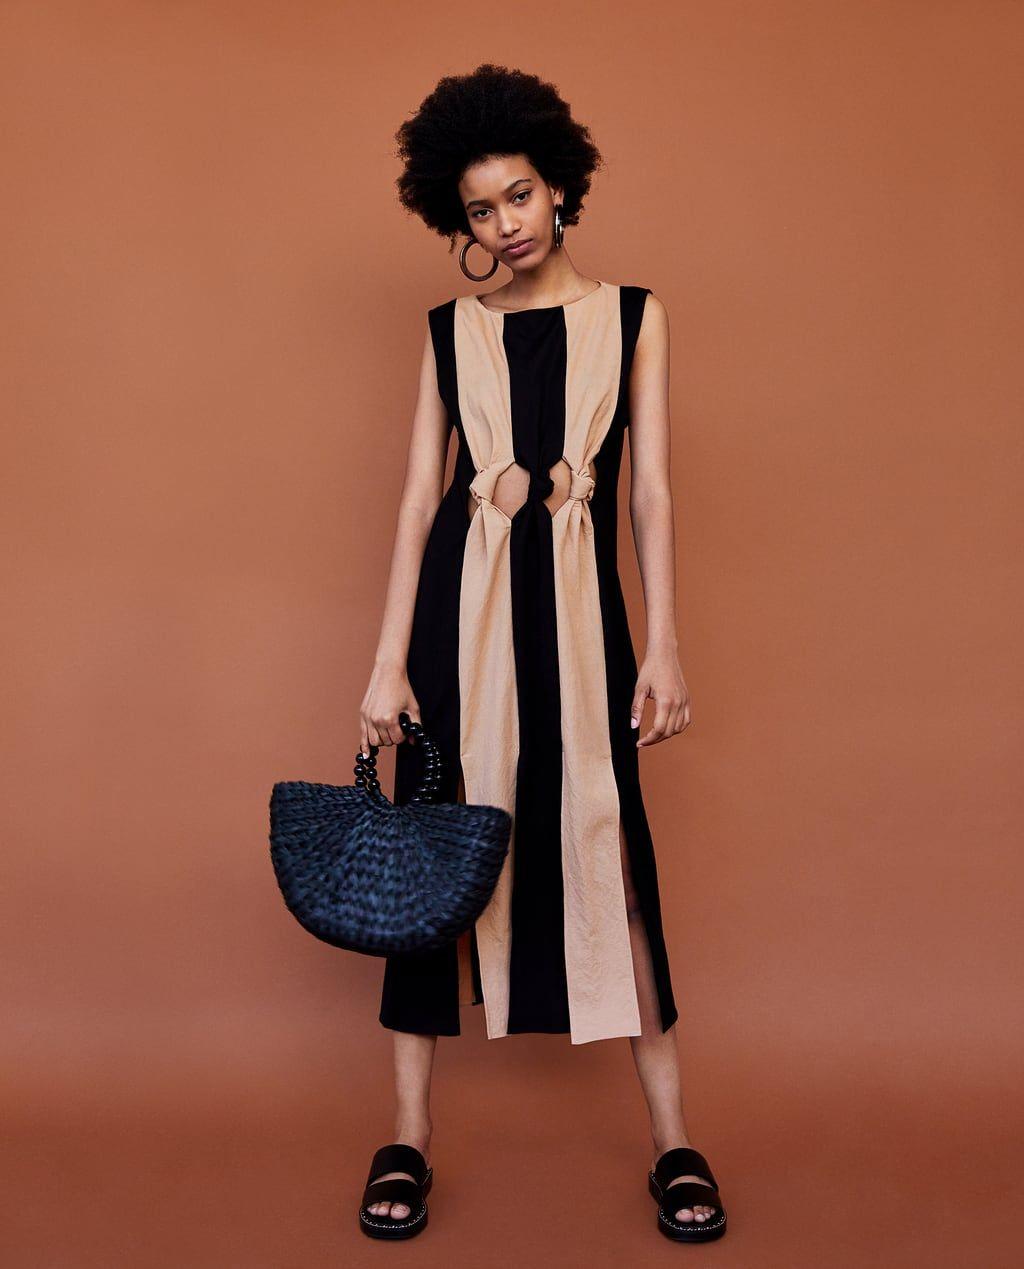 631e1ca2 VESTIDO BICOLOR NUDOS | Sewing list | Zara dresses, Knot dress, Zara ...